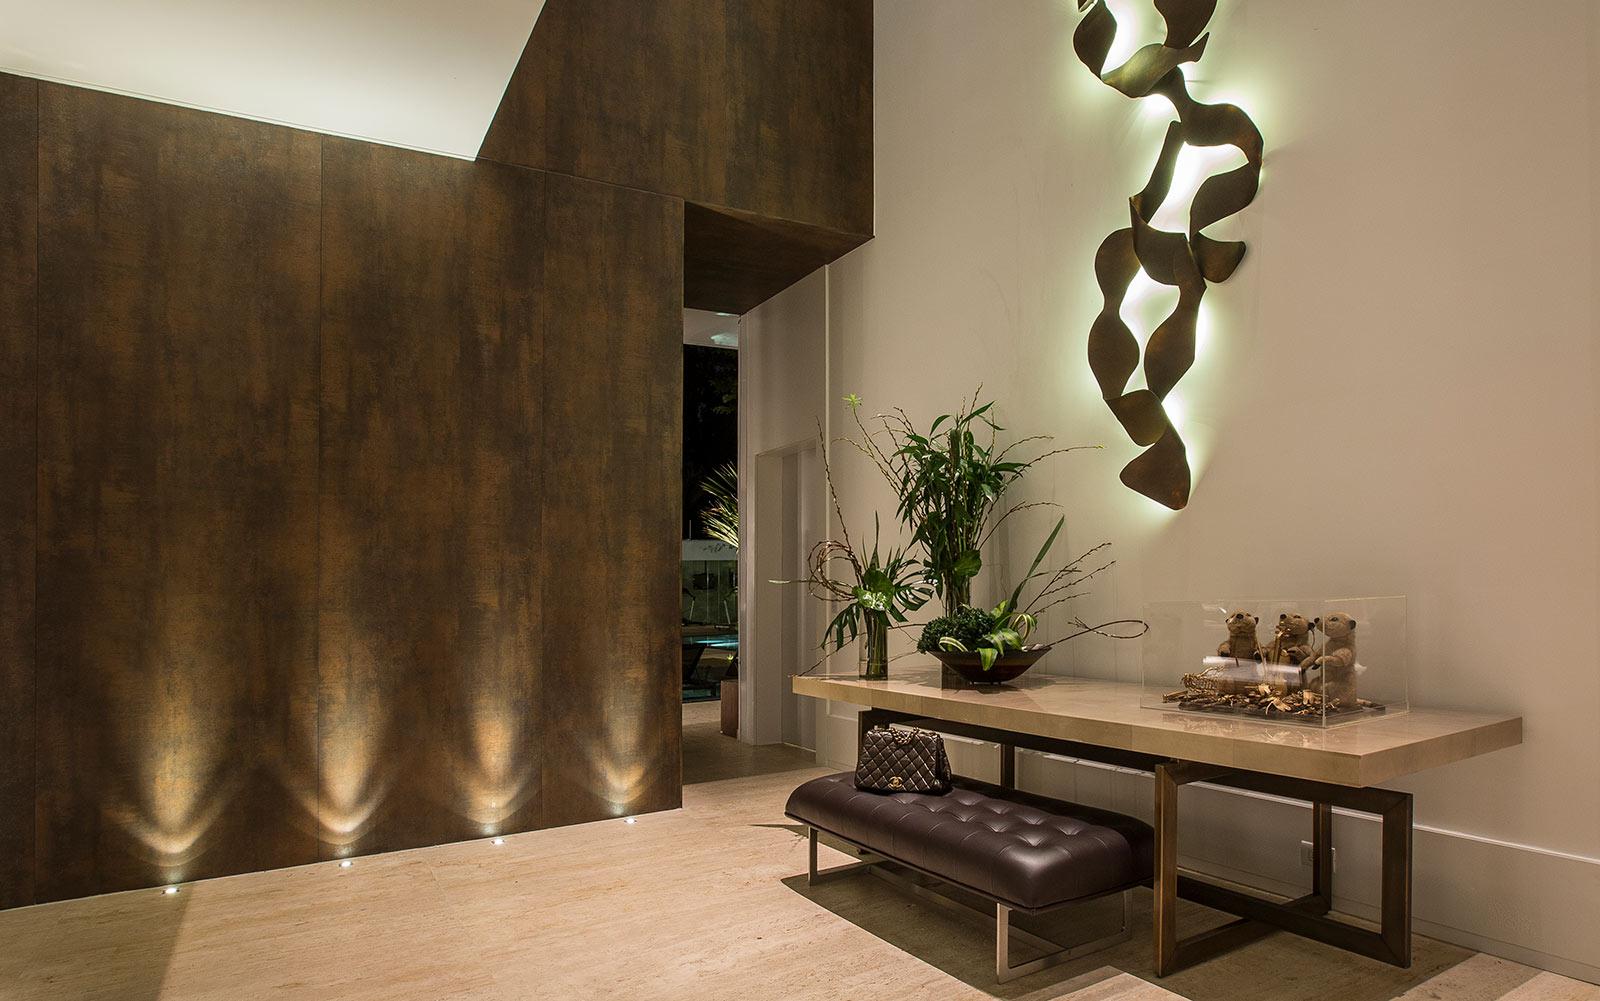 natuursteen in interieur, neolith, natuursteen, exclusief interieur